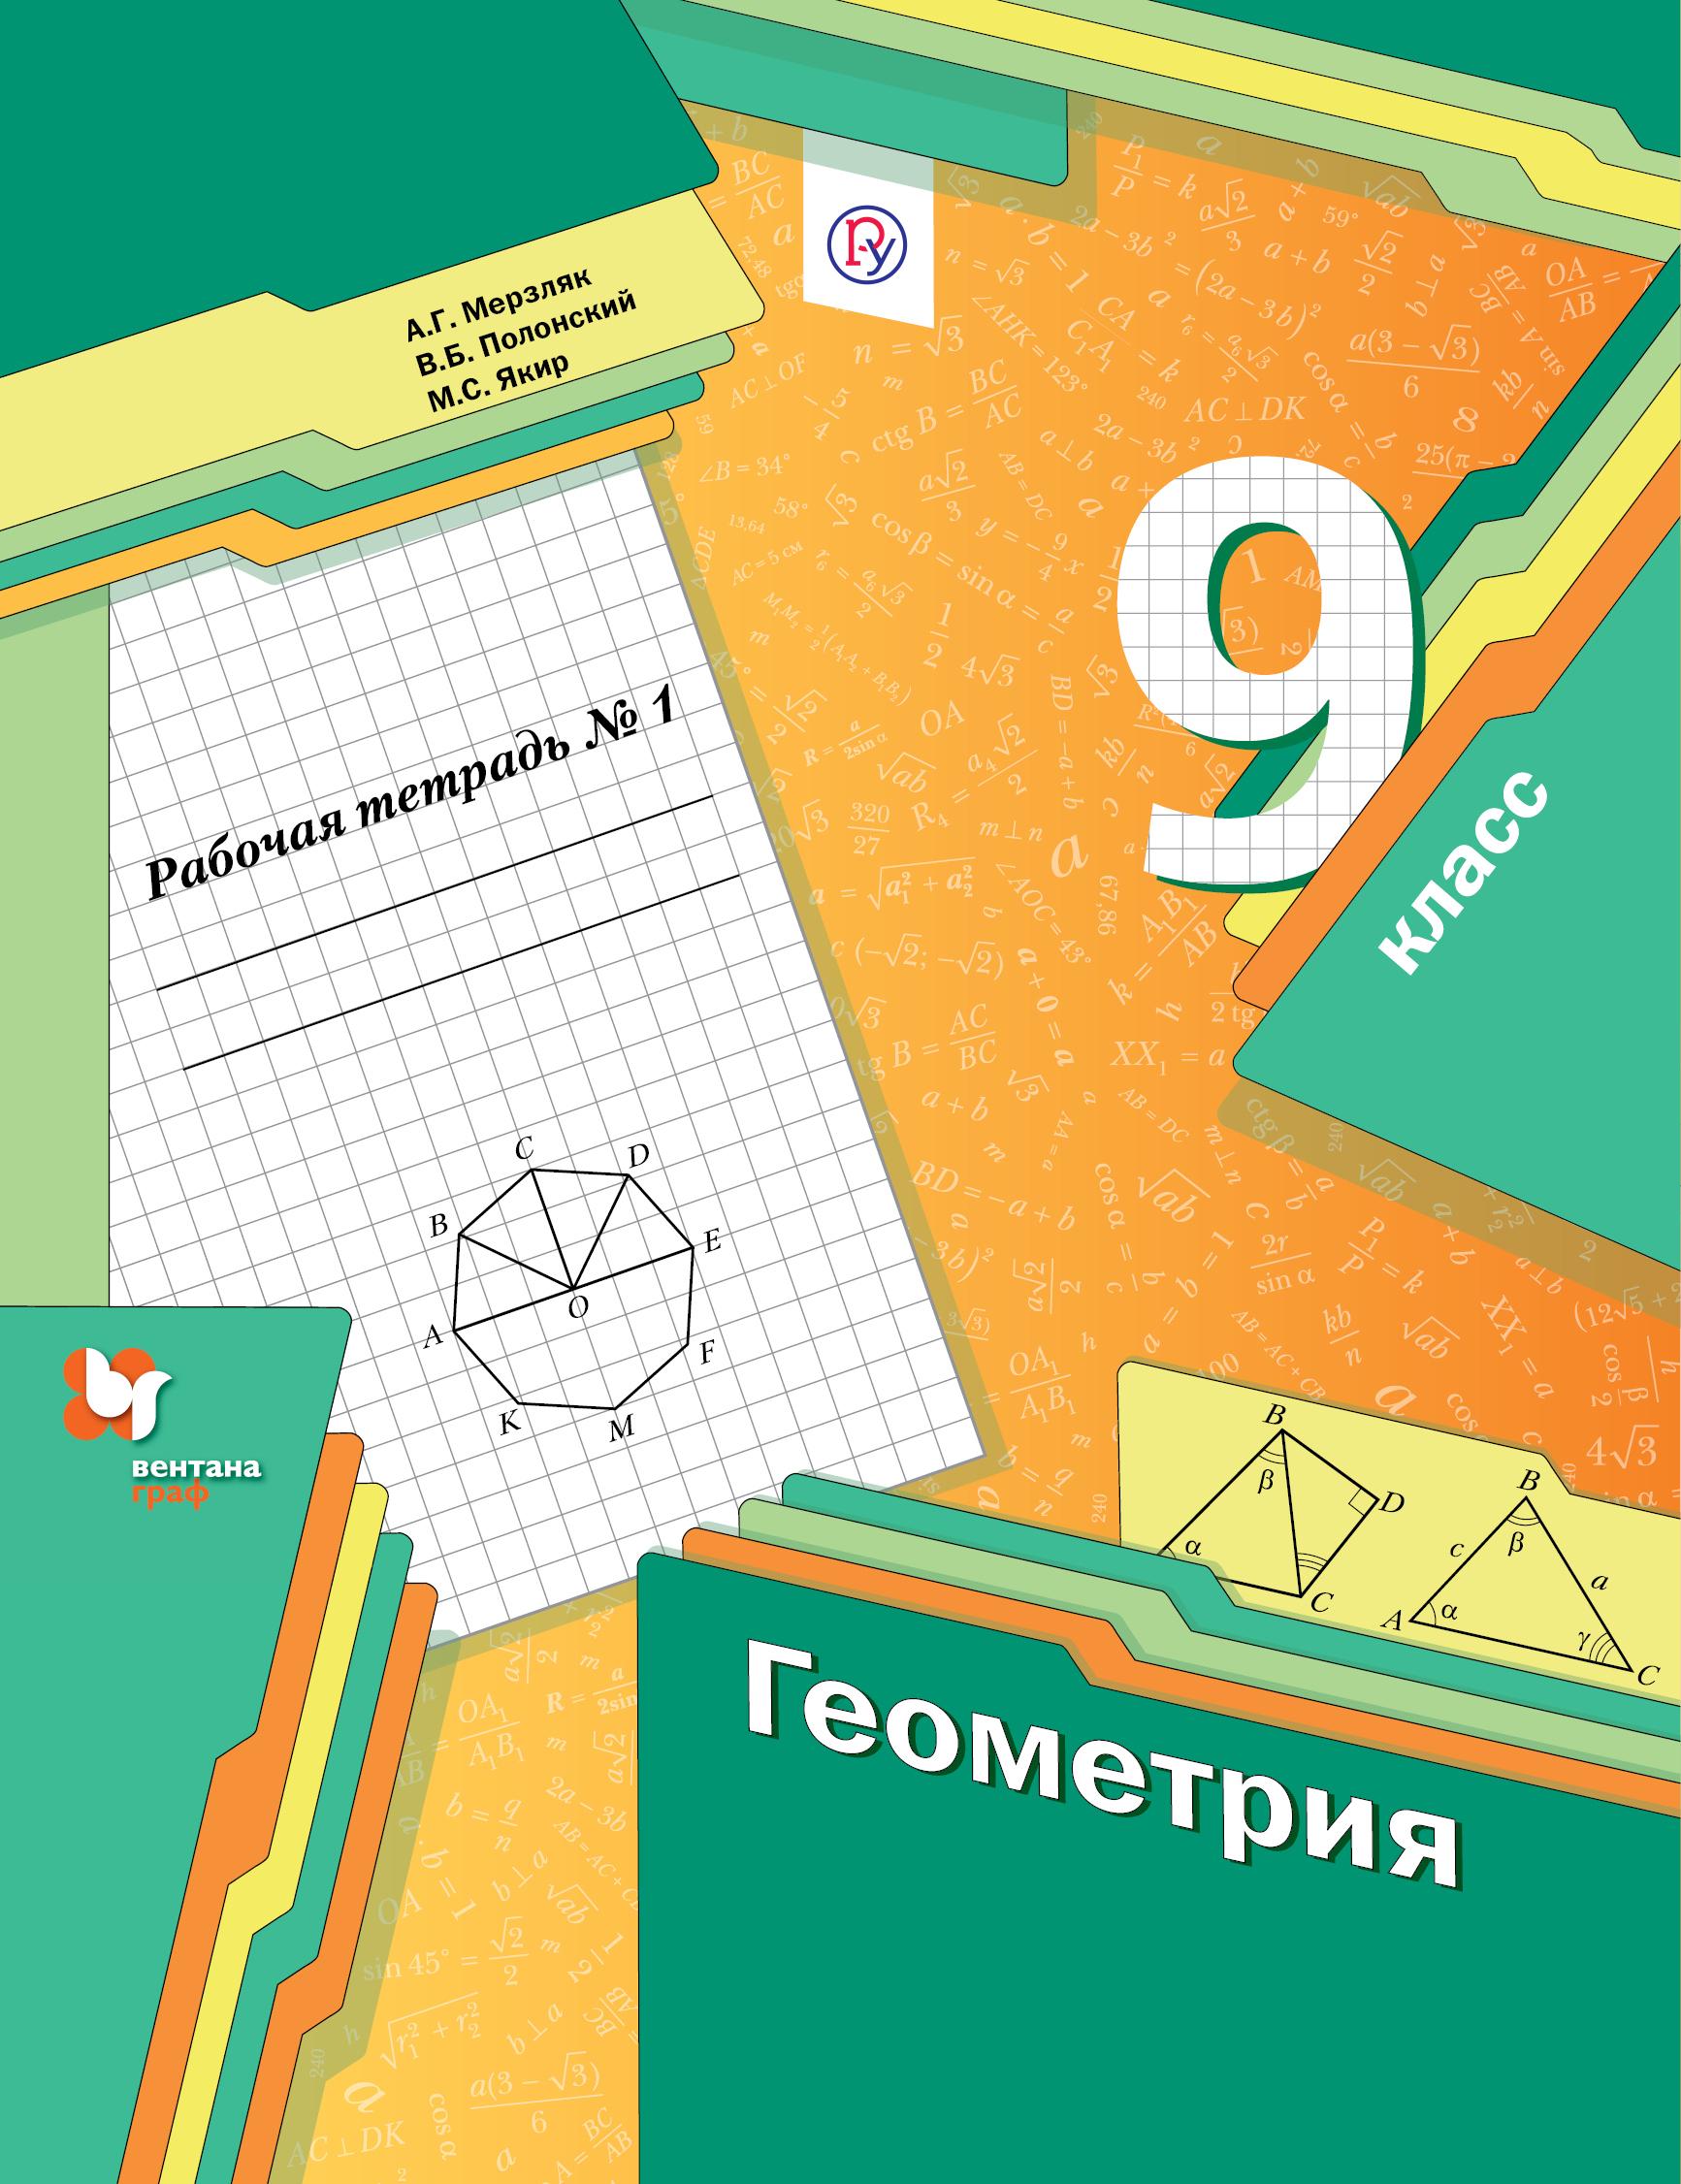 Геометрия. 9класс. Рабочая тетрадь №1.